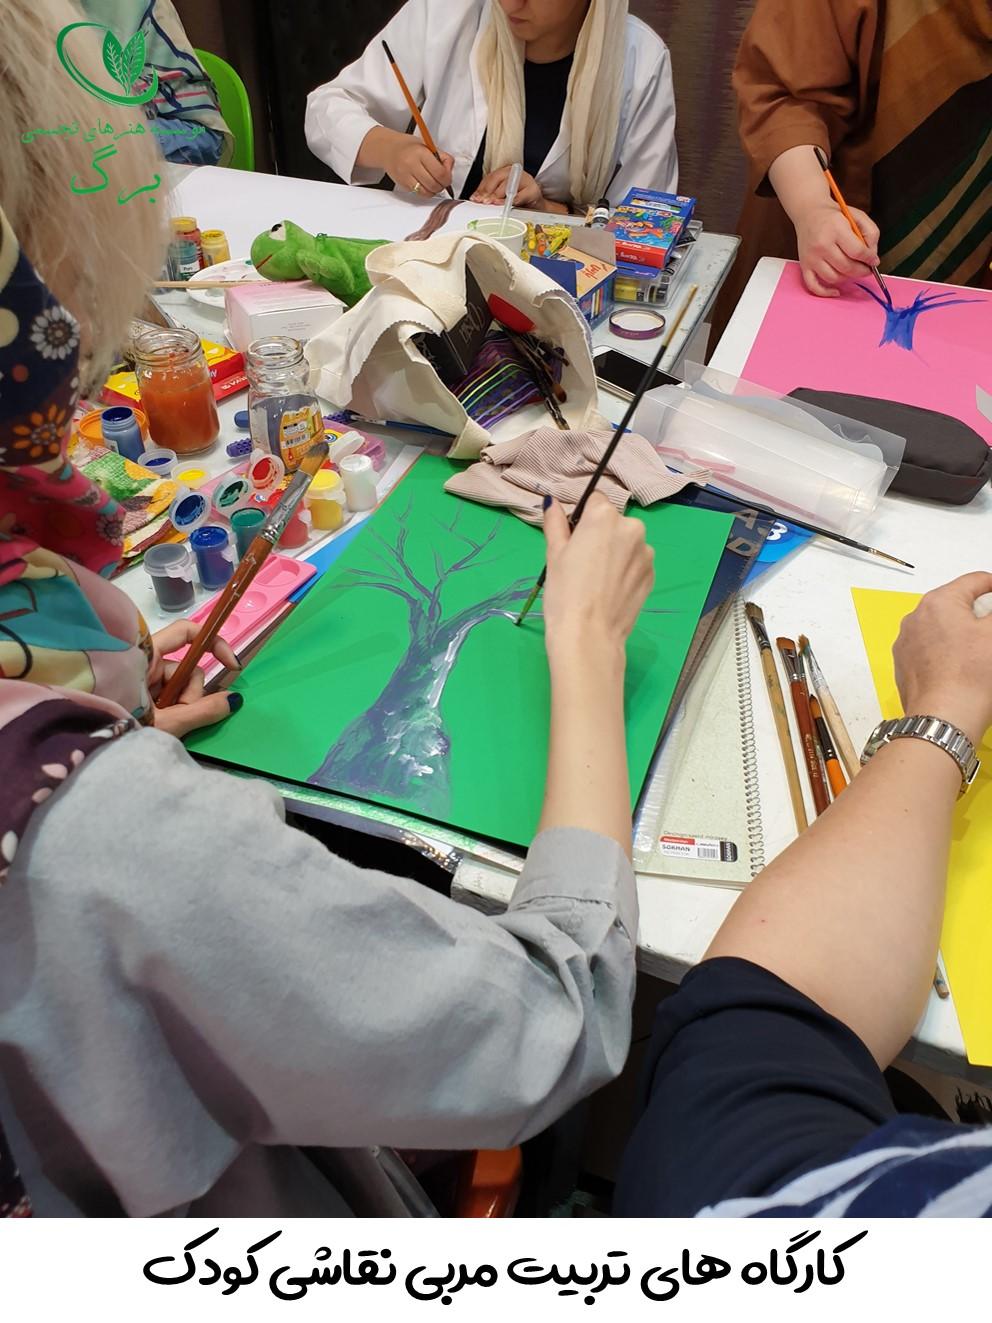 تکنیک های نقاشی کودکان